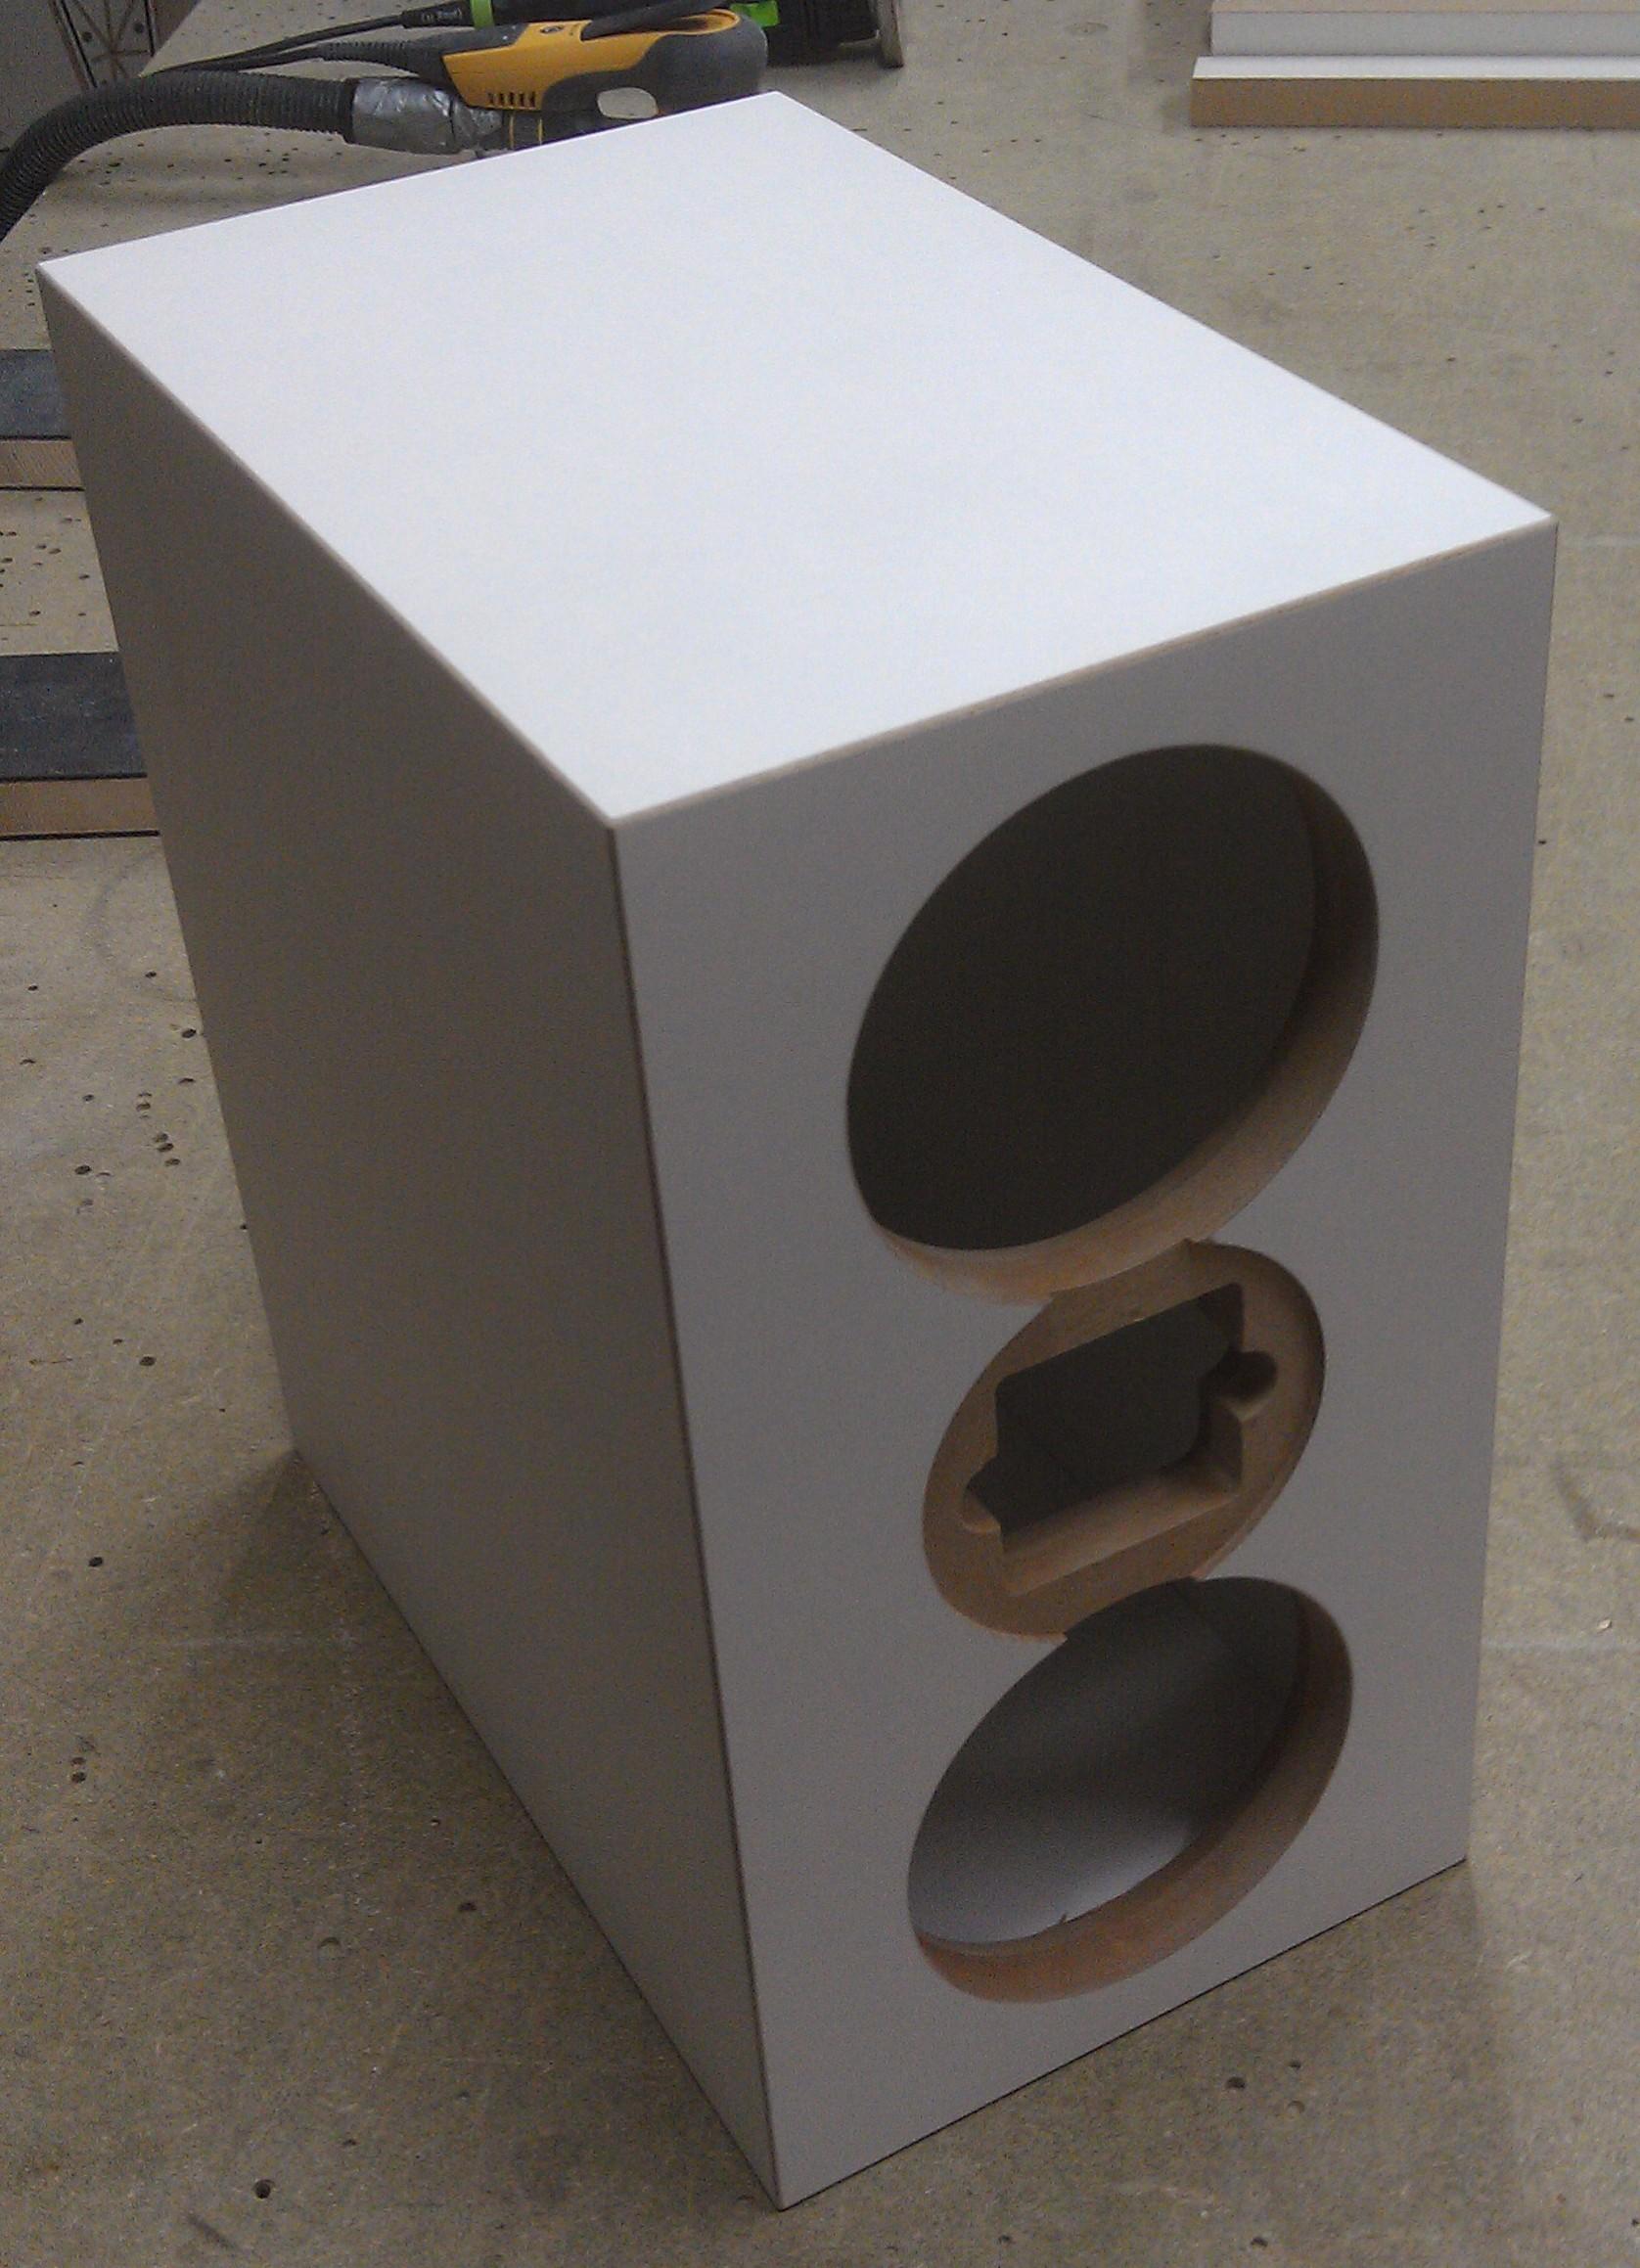 Leggiera-Gehäuse Klang+Ton